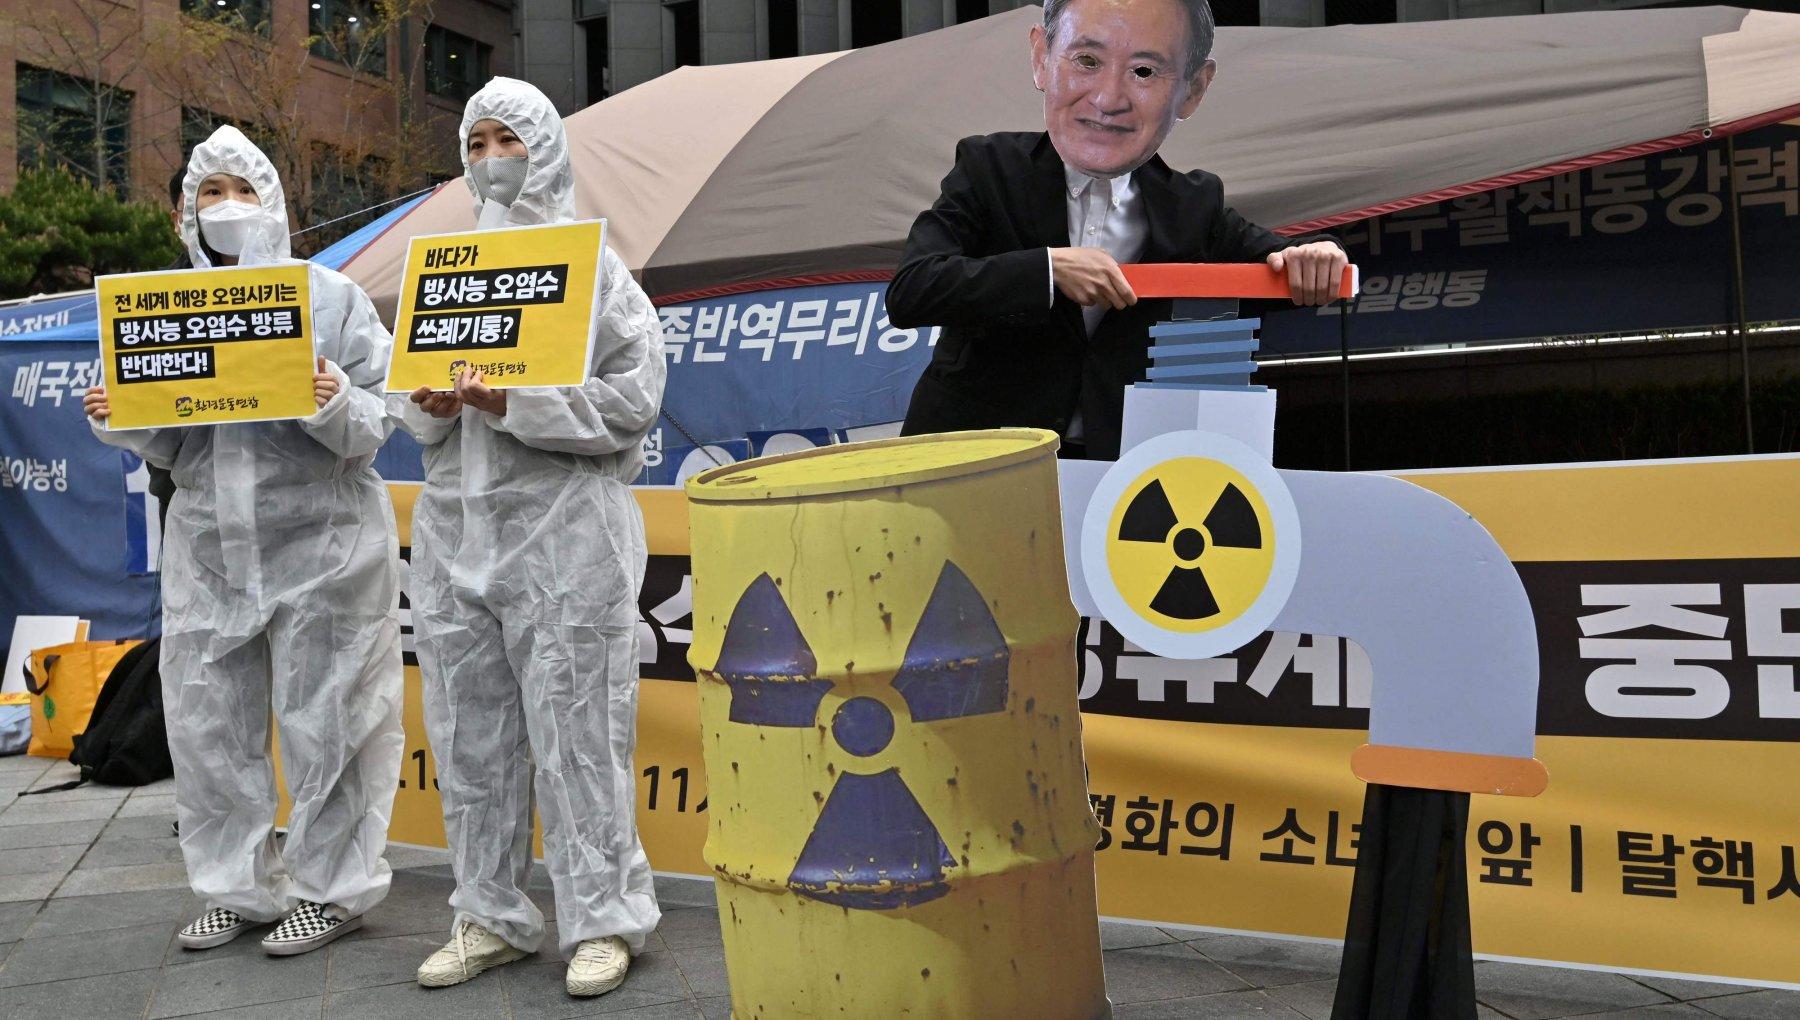 La decisione del governo giapponese di scaricare in mare l'acqua contaminata ignora i diritti umani e le leggi marittime internazionali